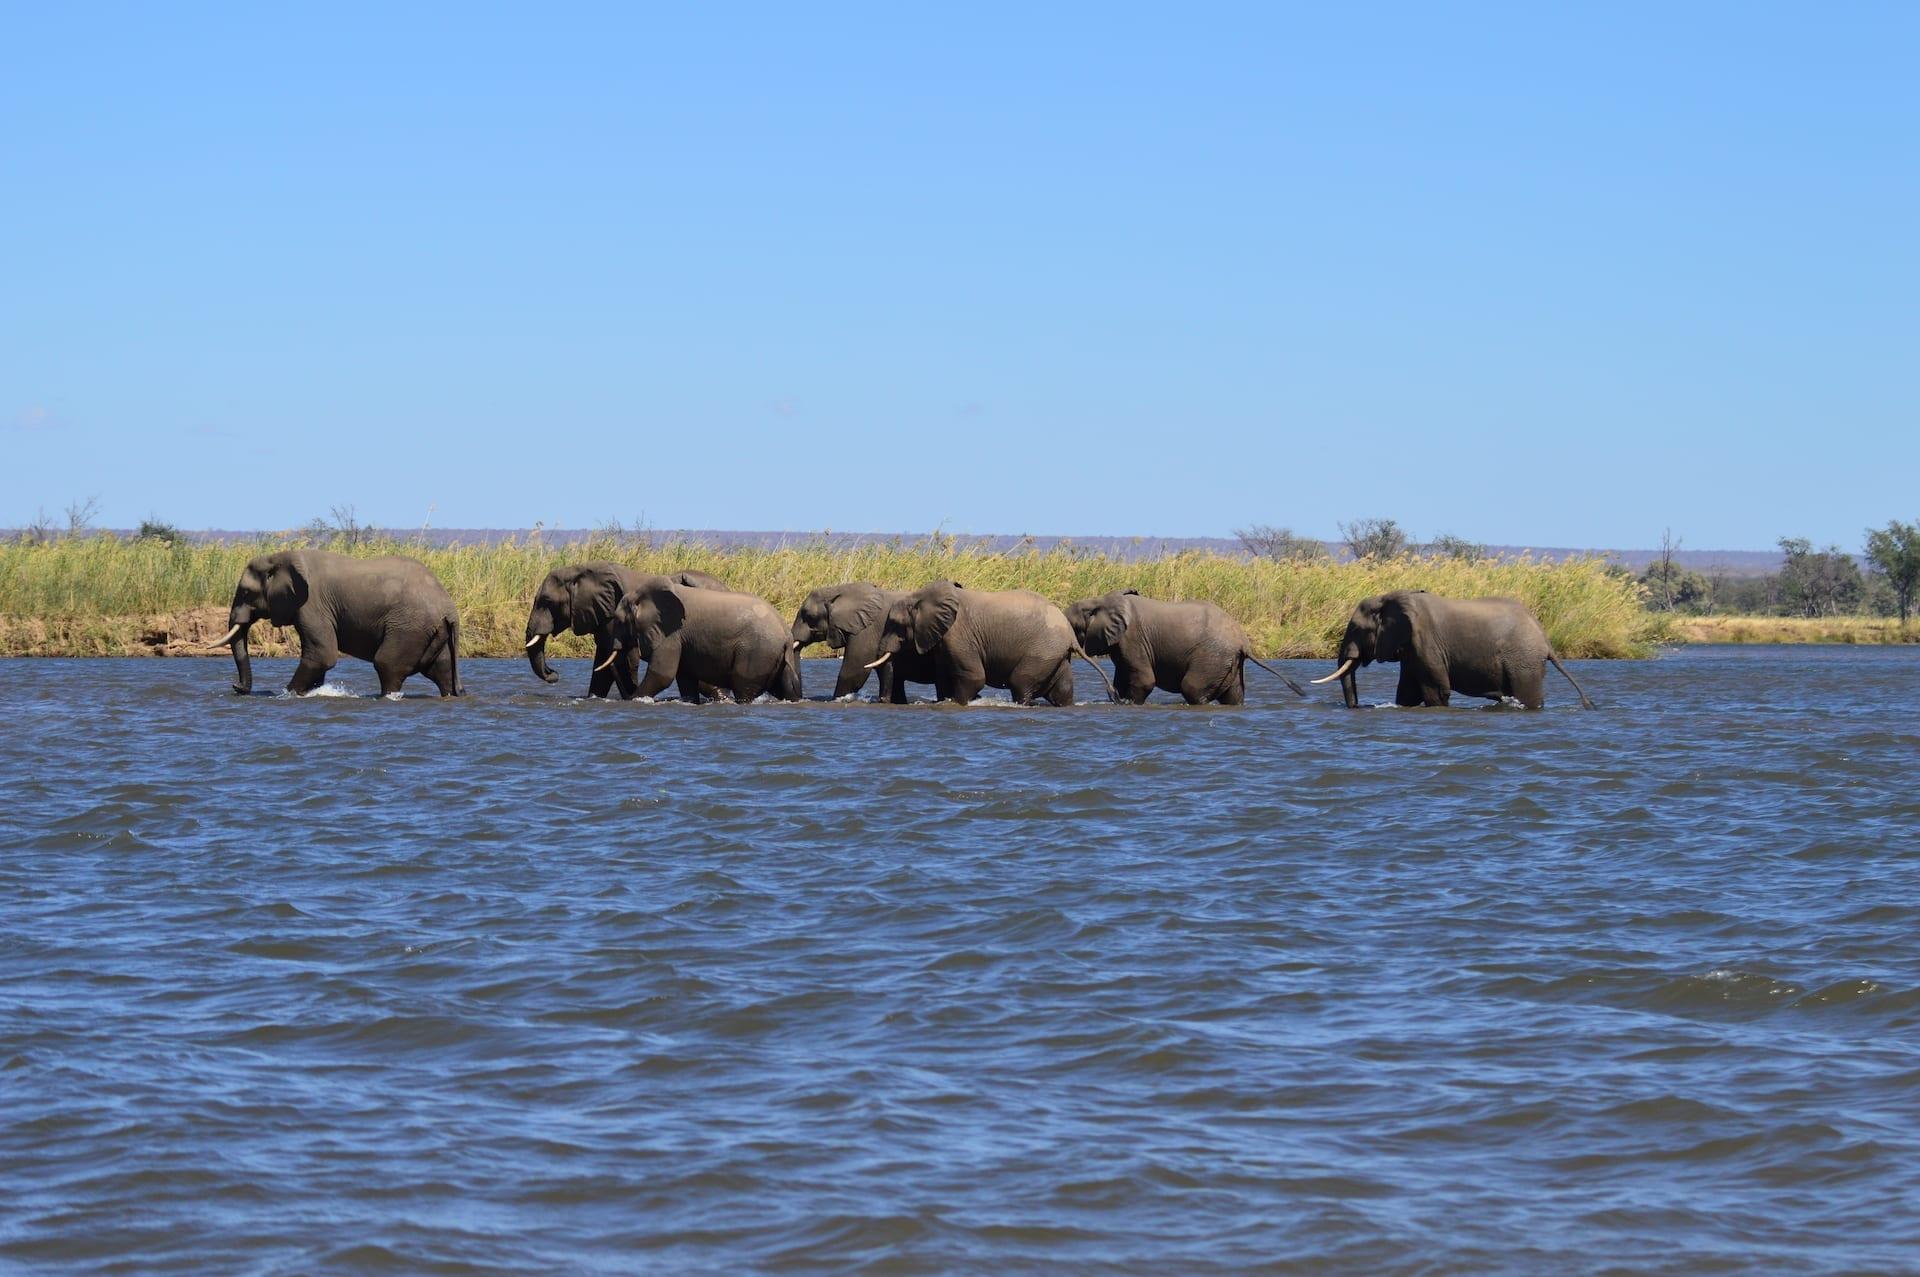 ALGEMEEN - ZAM - olifanten in de Zambezi Rivier